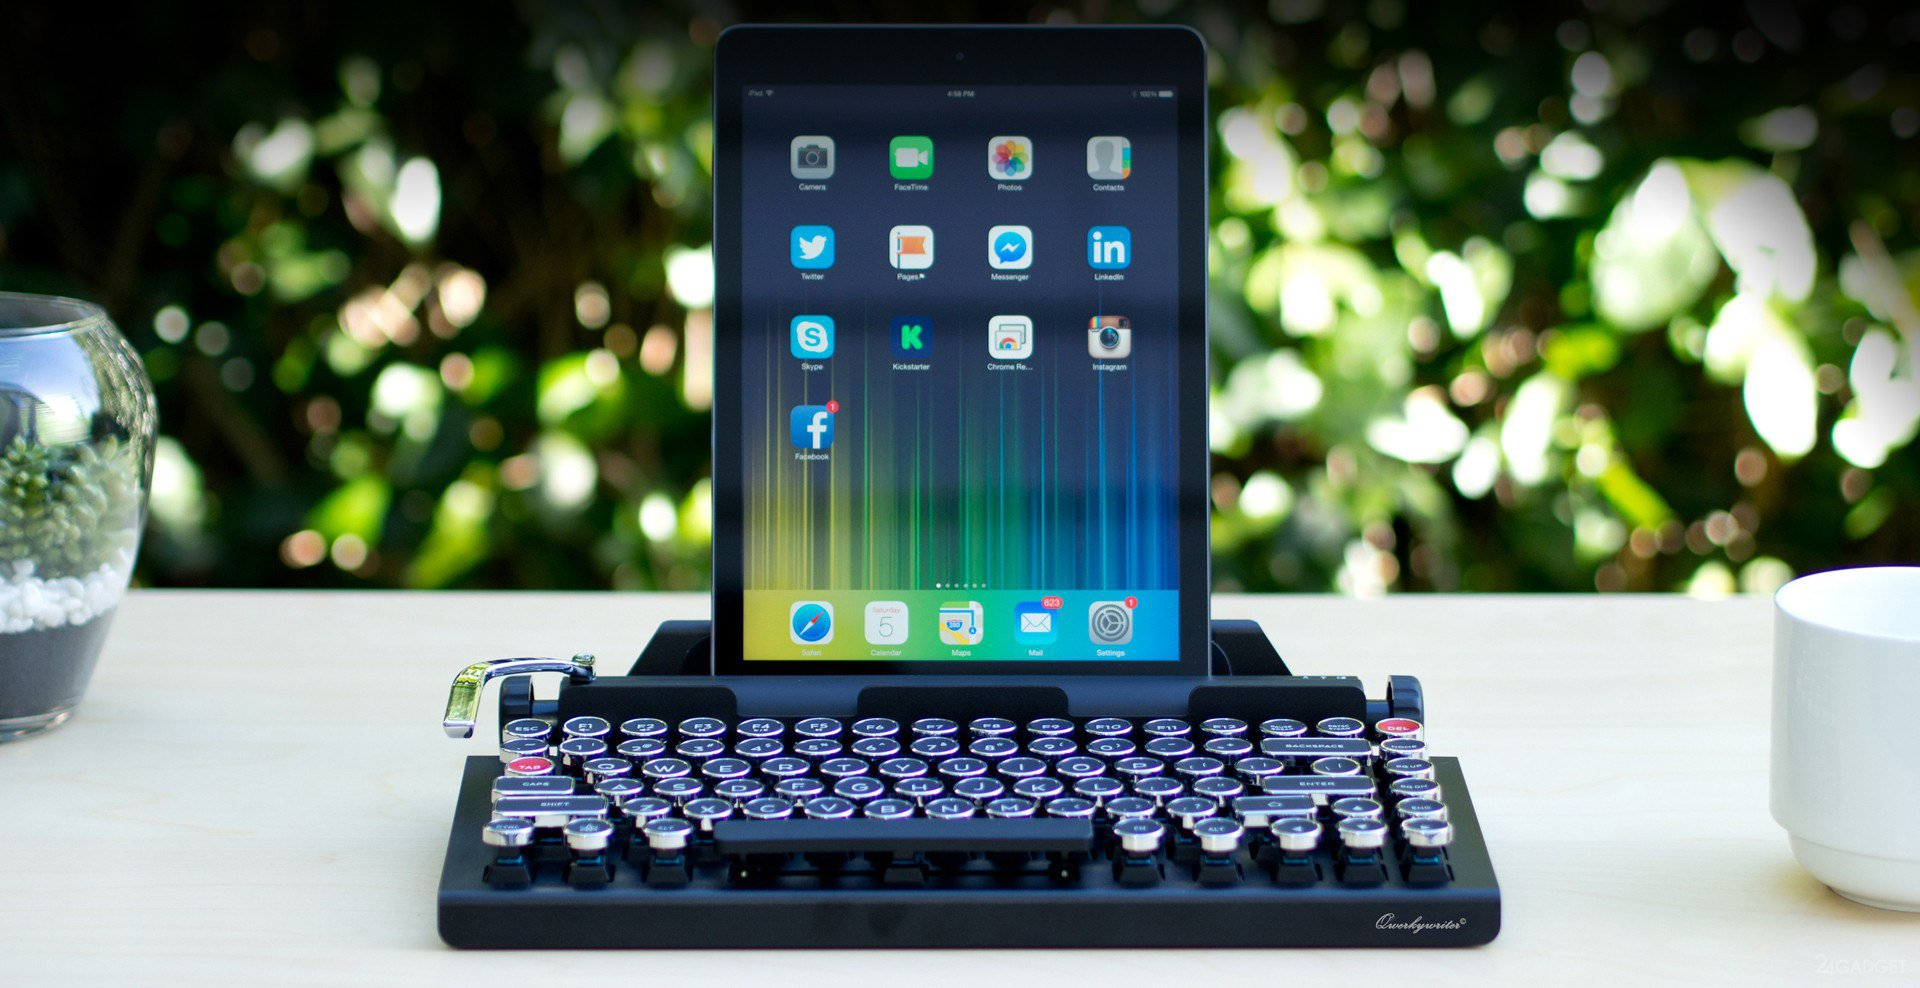 Вводимый с ряда моделей беспроводных клавиатур текст научились перехватывать с расстояния в 75 метров